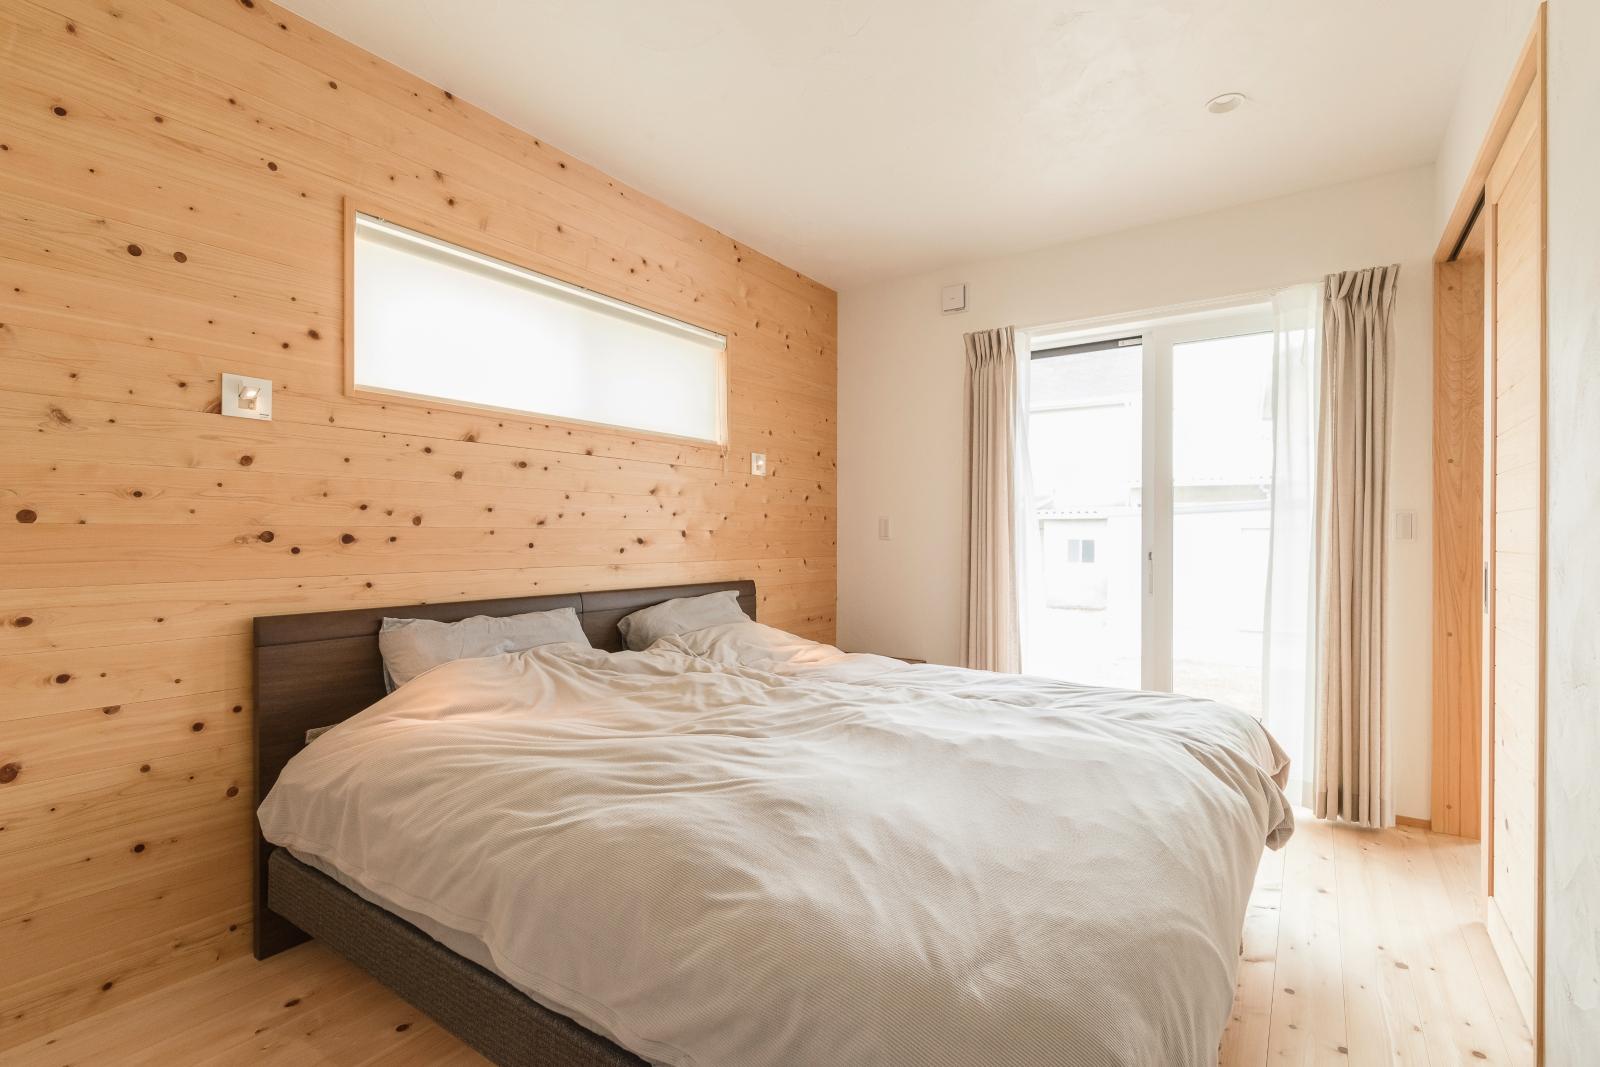 枕元に折りたたみ式照明のある板張り壁の寝室